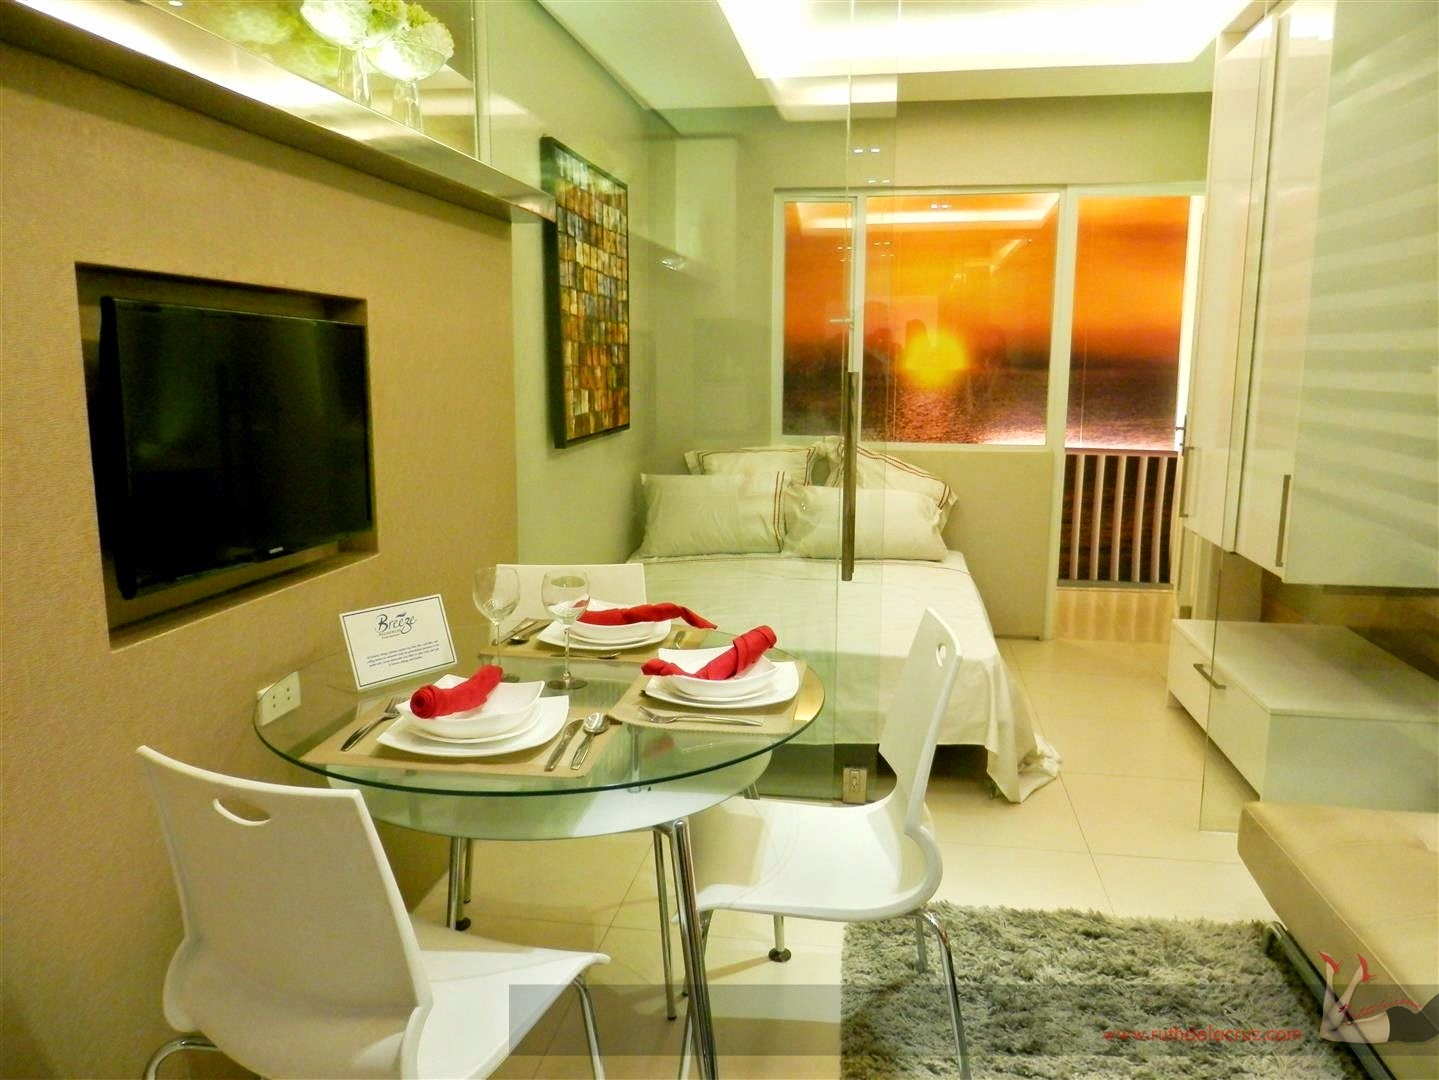 Living Room Design For Condo Units mimiku